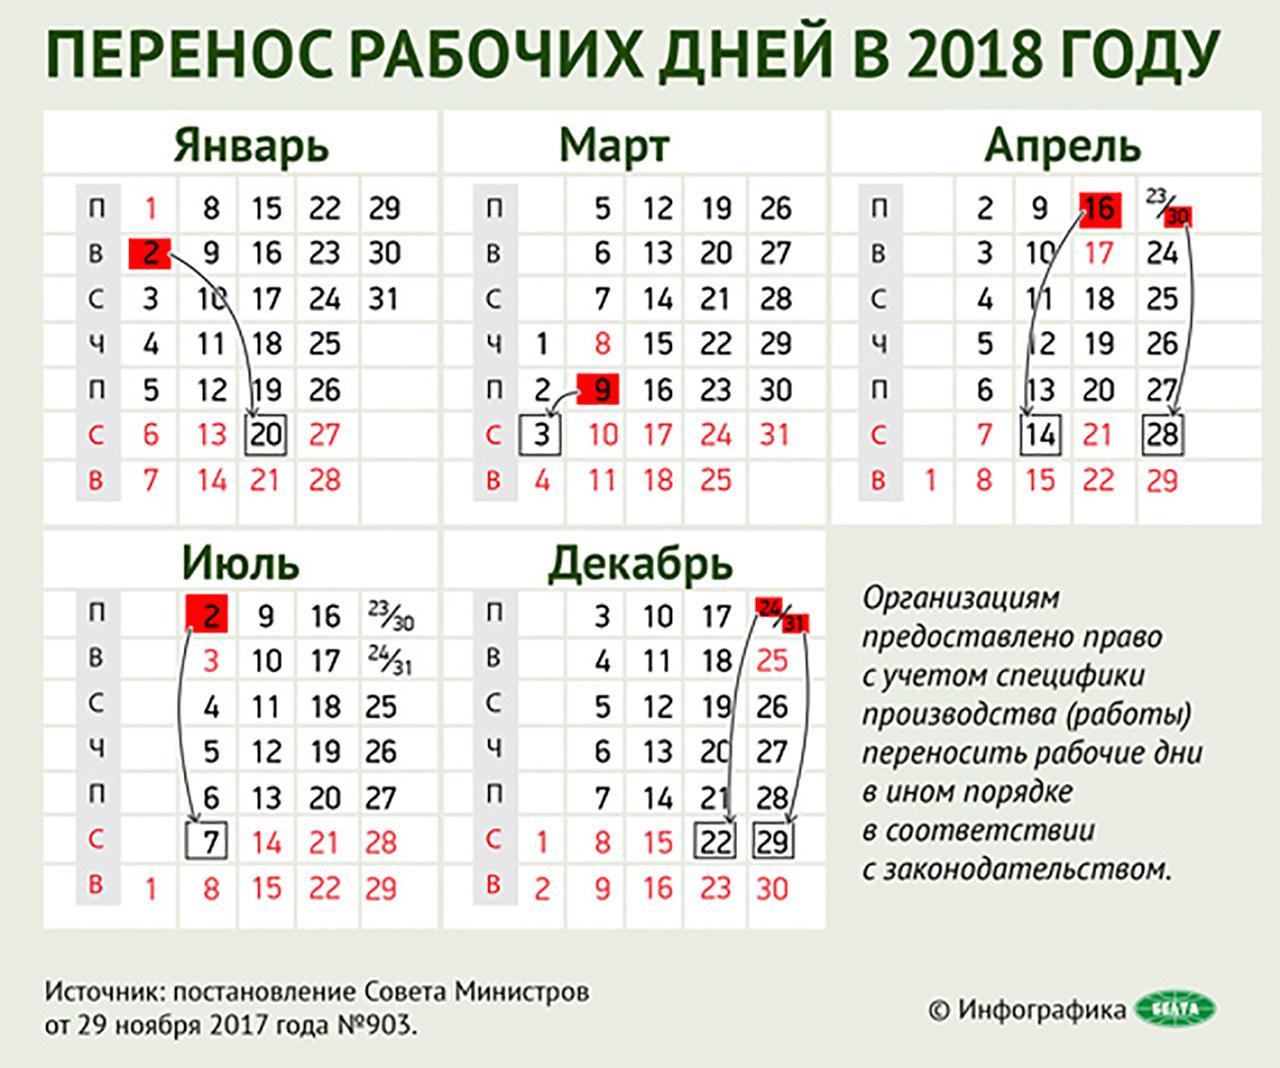 Перенос праздничных дней в 2018 году